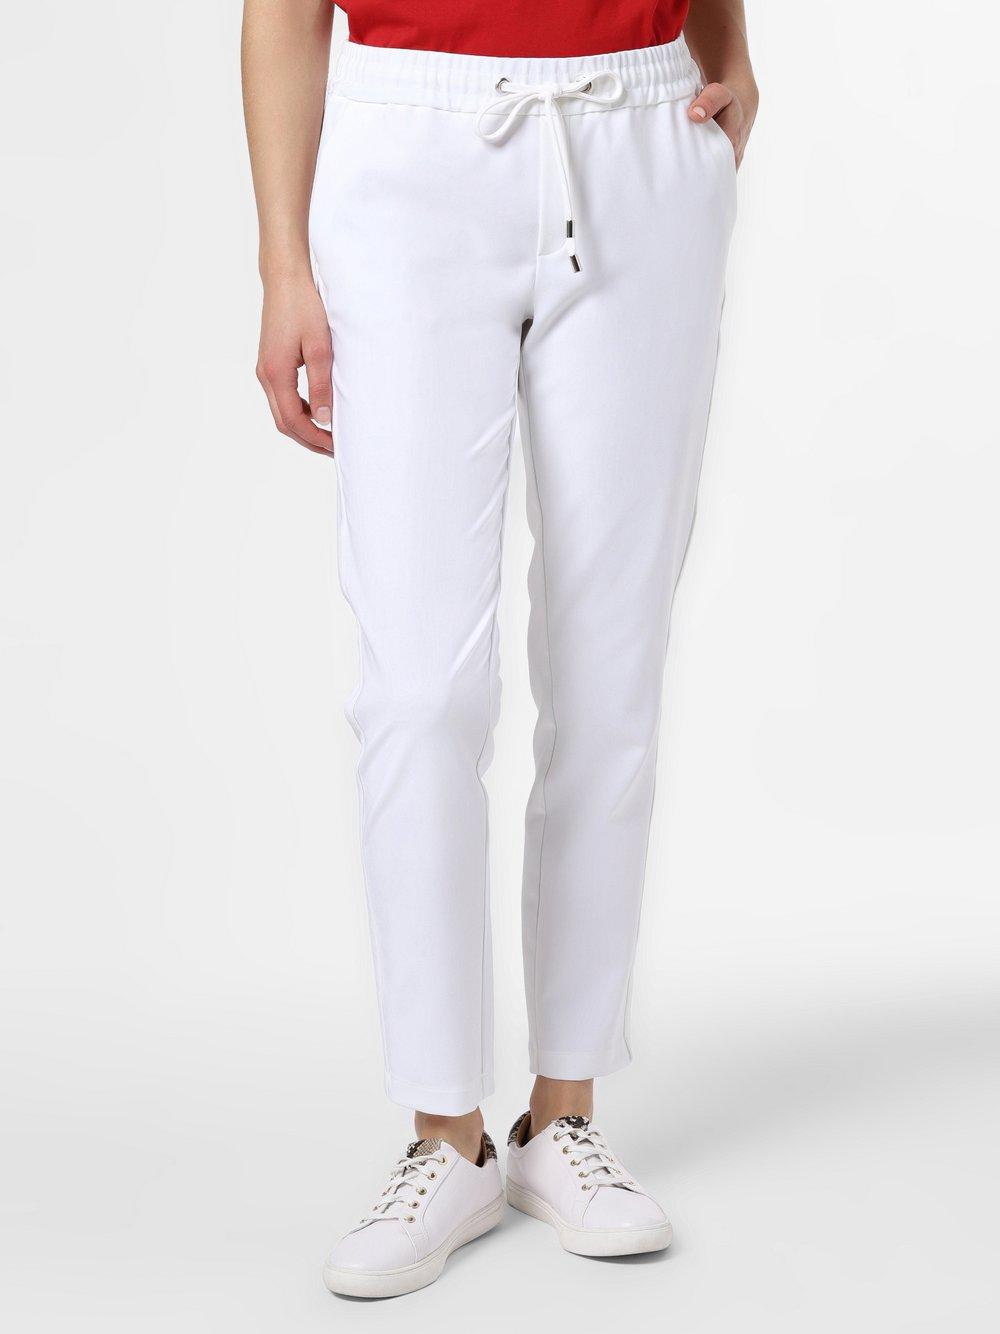 VG – Spodnie damskie, beżowy Van Graaf 475842-0003-00420